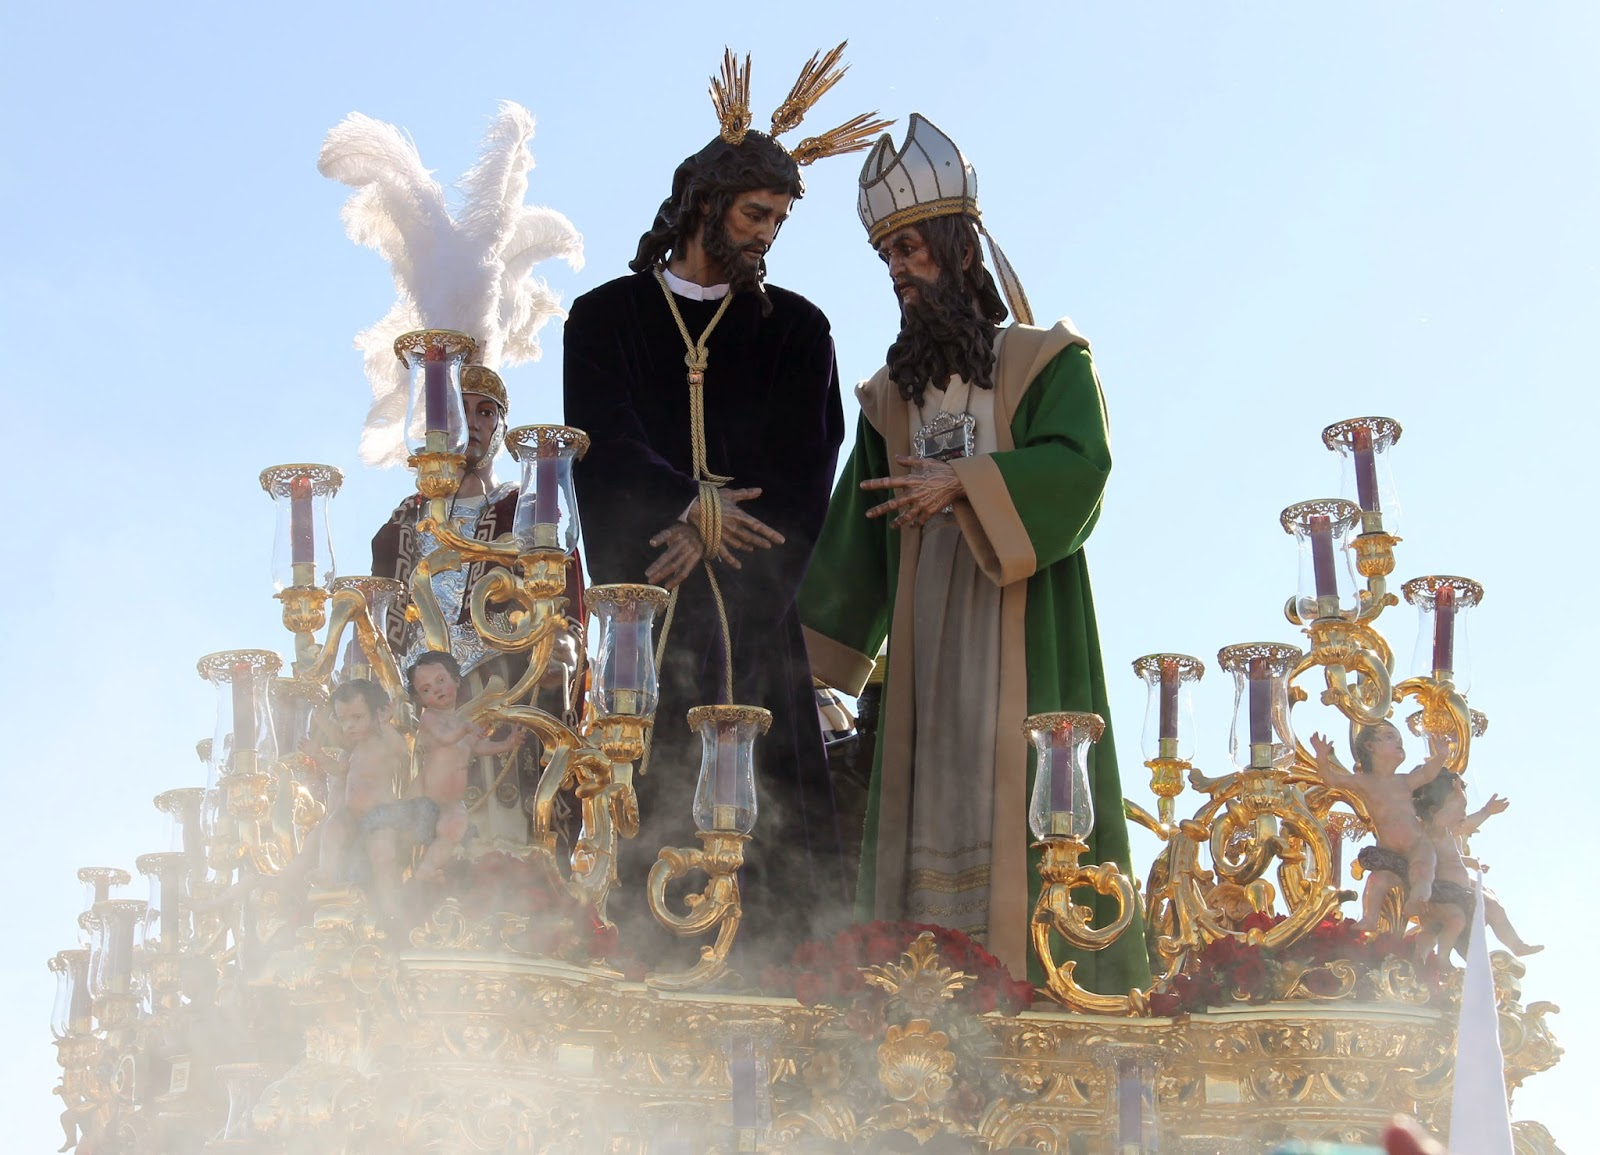 Alba y jesus en el stand de ana g en el feda - 1 part 9